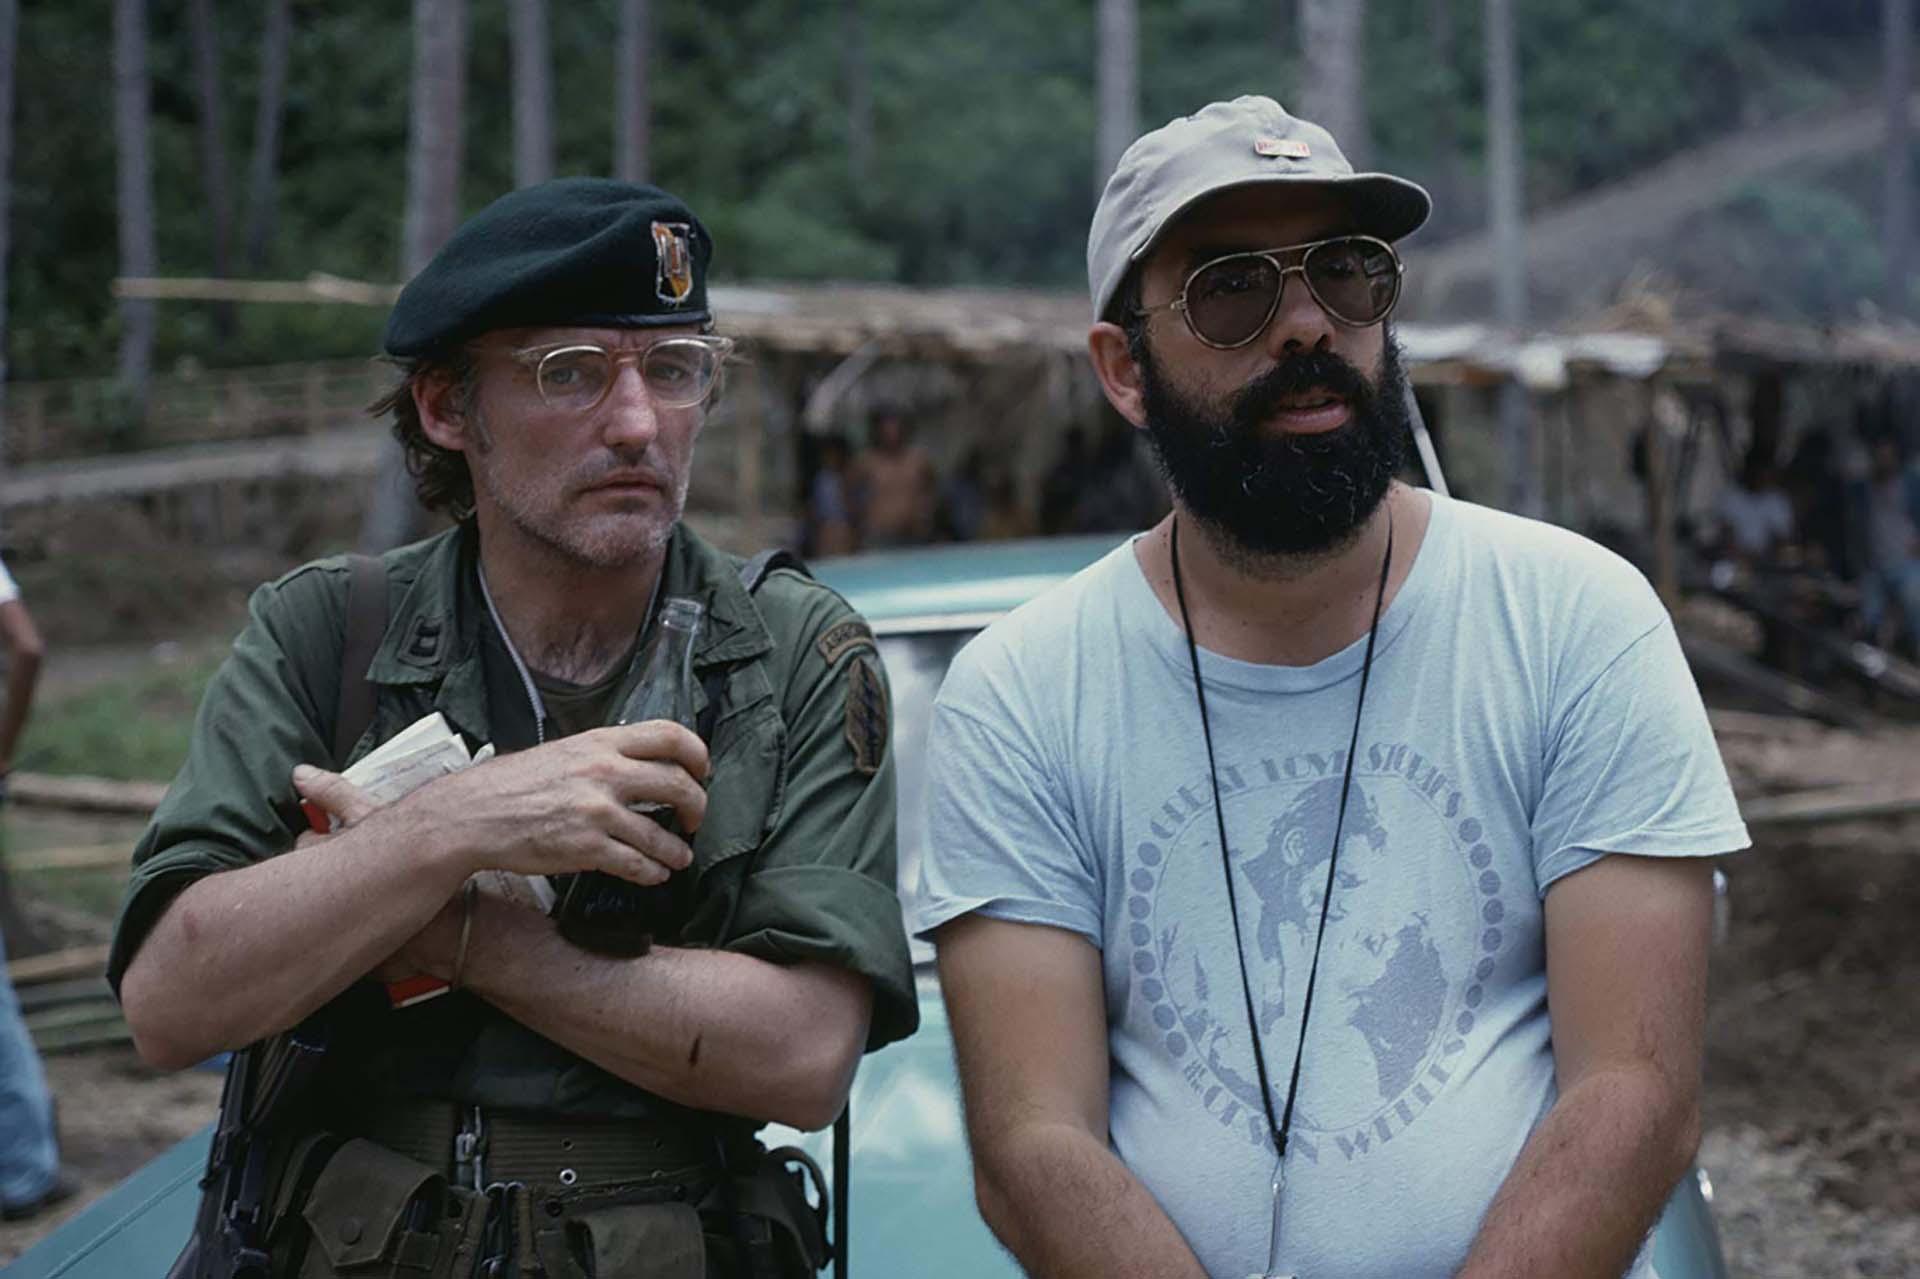 """Francis Ford Coppolay Dennis Hopper en el rodaje de """"Apocalypse Now"""" en Filipinas. Se comenzó a filmar en 1976 y se estrenó en 1979. El filme bélico ganó dos premios Oscar: Mejor Fotografía y Mejor sonido. Cuando Coppola la presentó en Cannes comentó: """"Ésta no es una película sobre la Guerra de Vietnam, esto es Vietnam"""""""